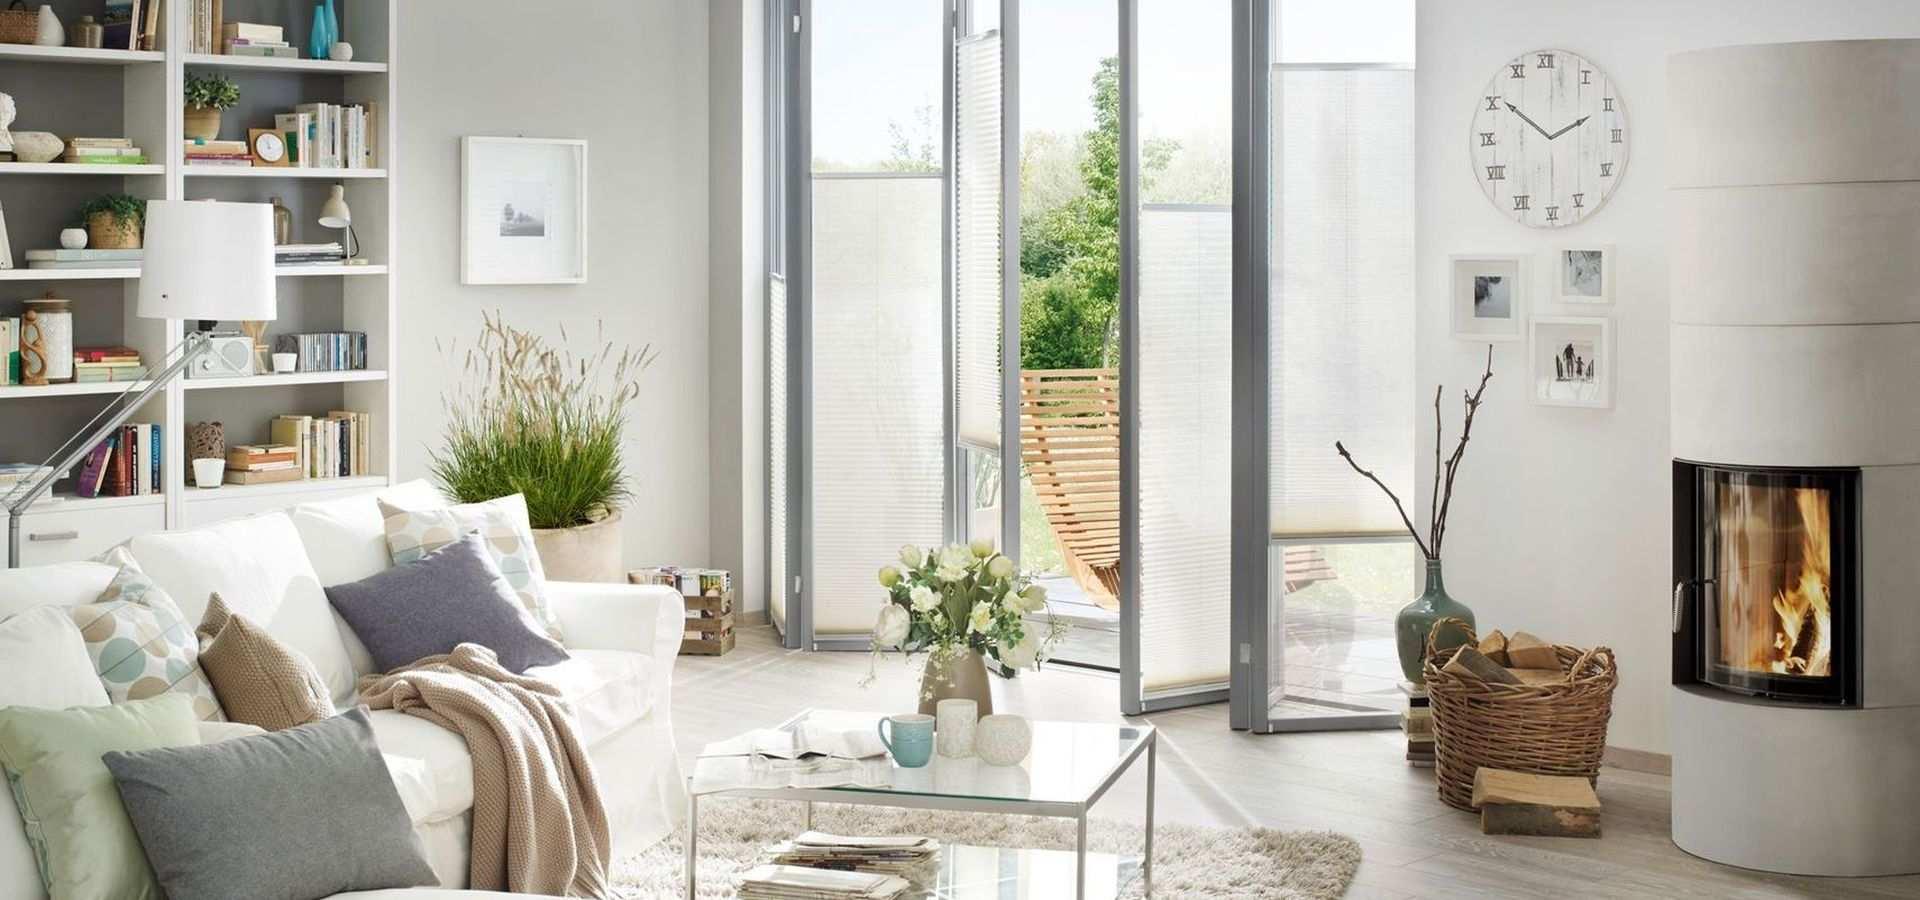 Bild Sonnenschutz weiße Plissees Wohnzimmer